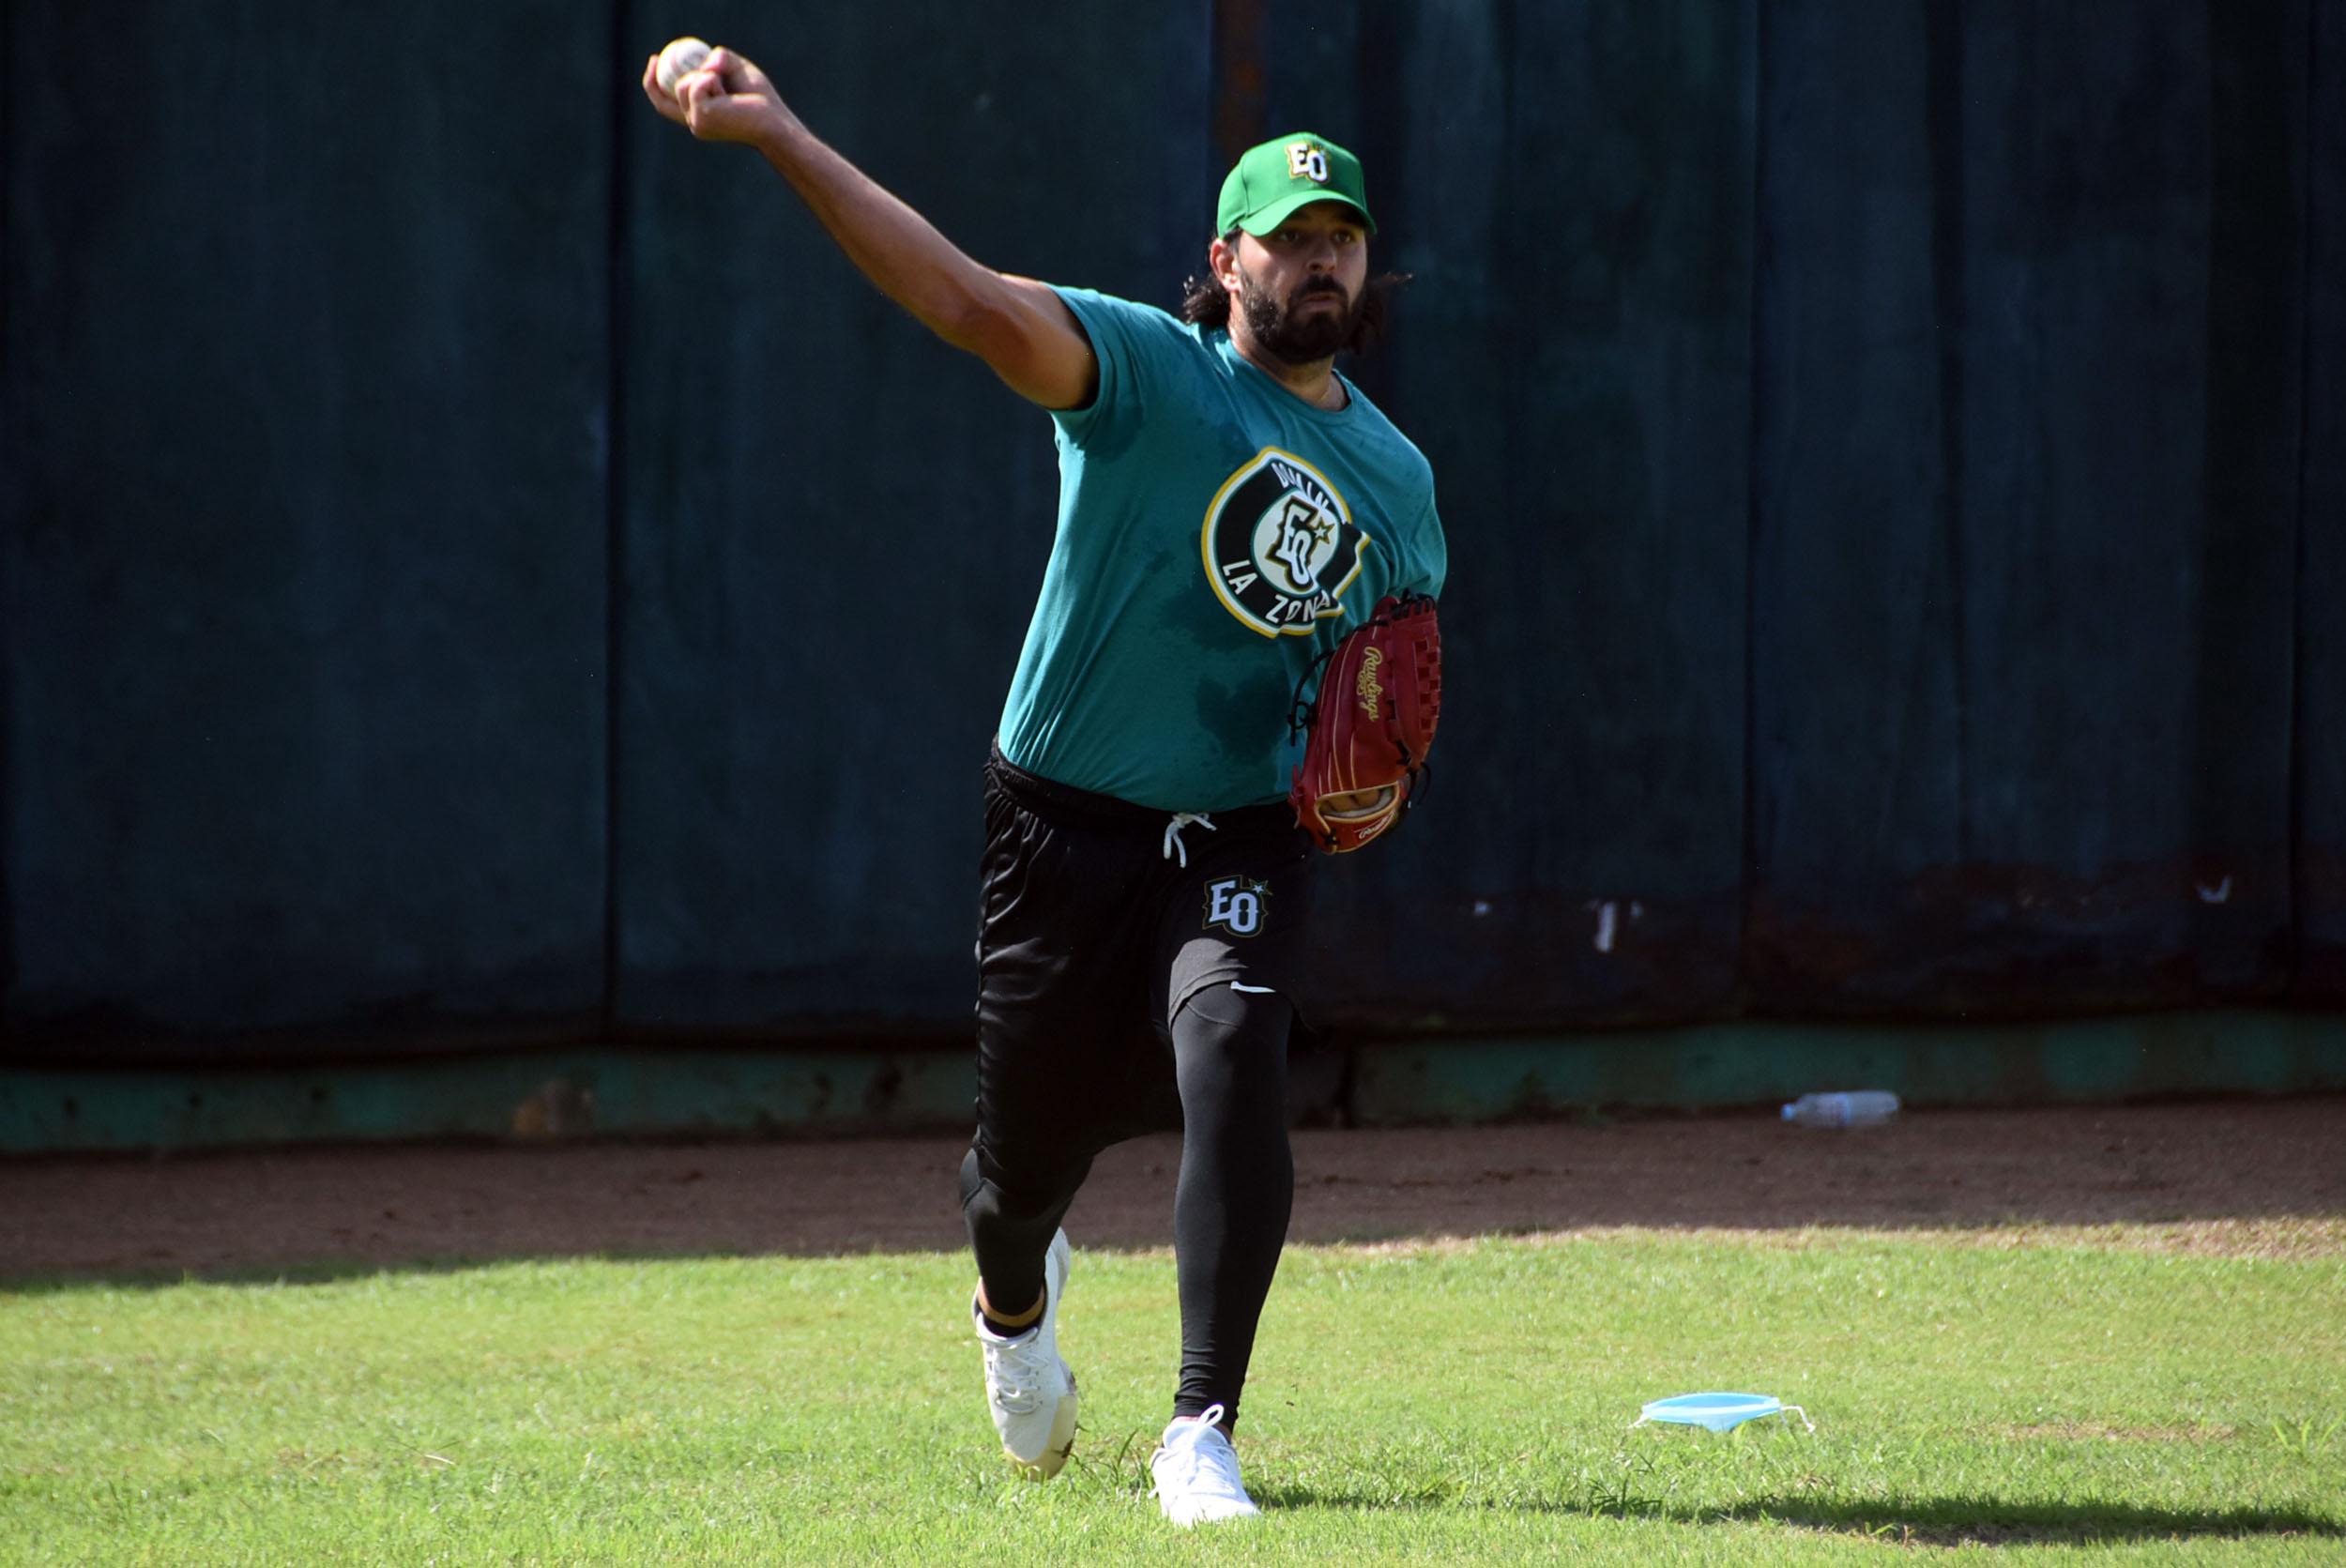 Nabil Crismatt asegura es mejor lanzador que antes